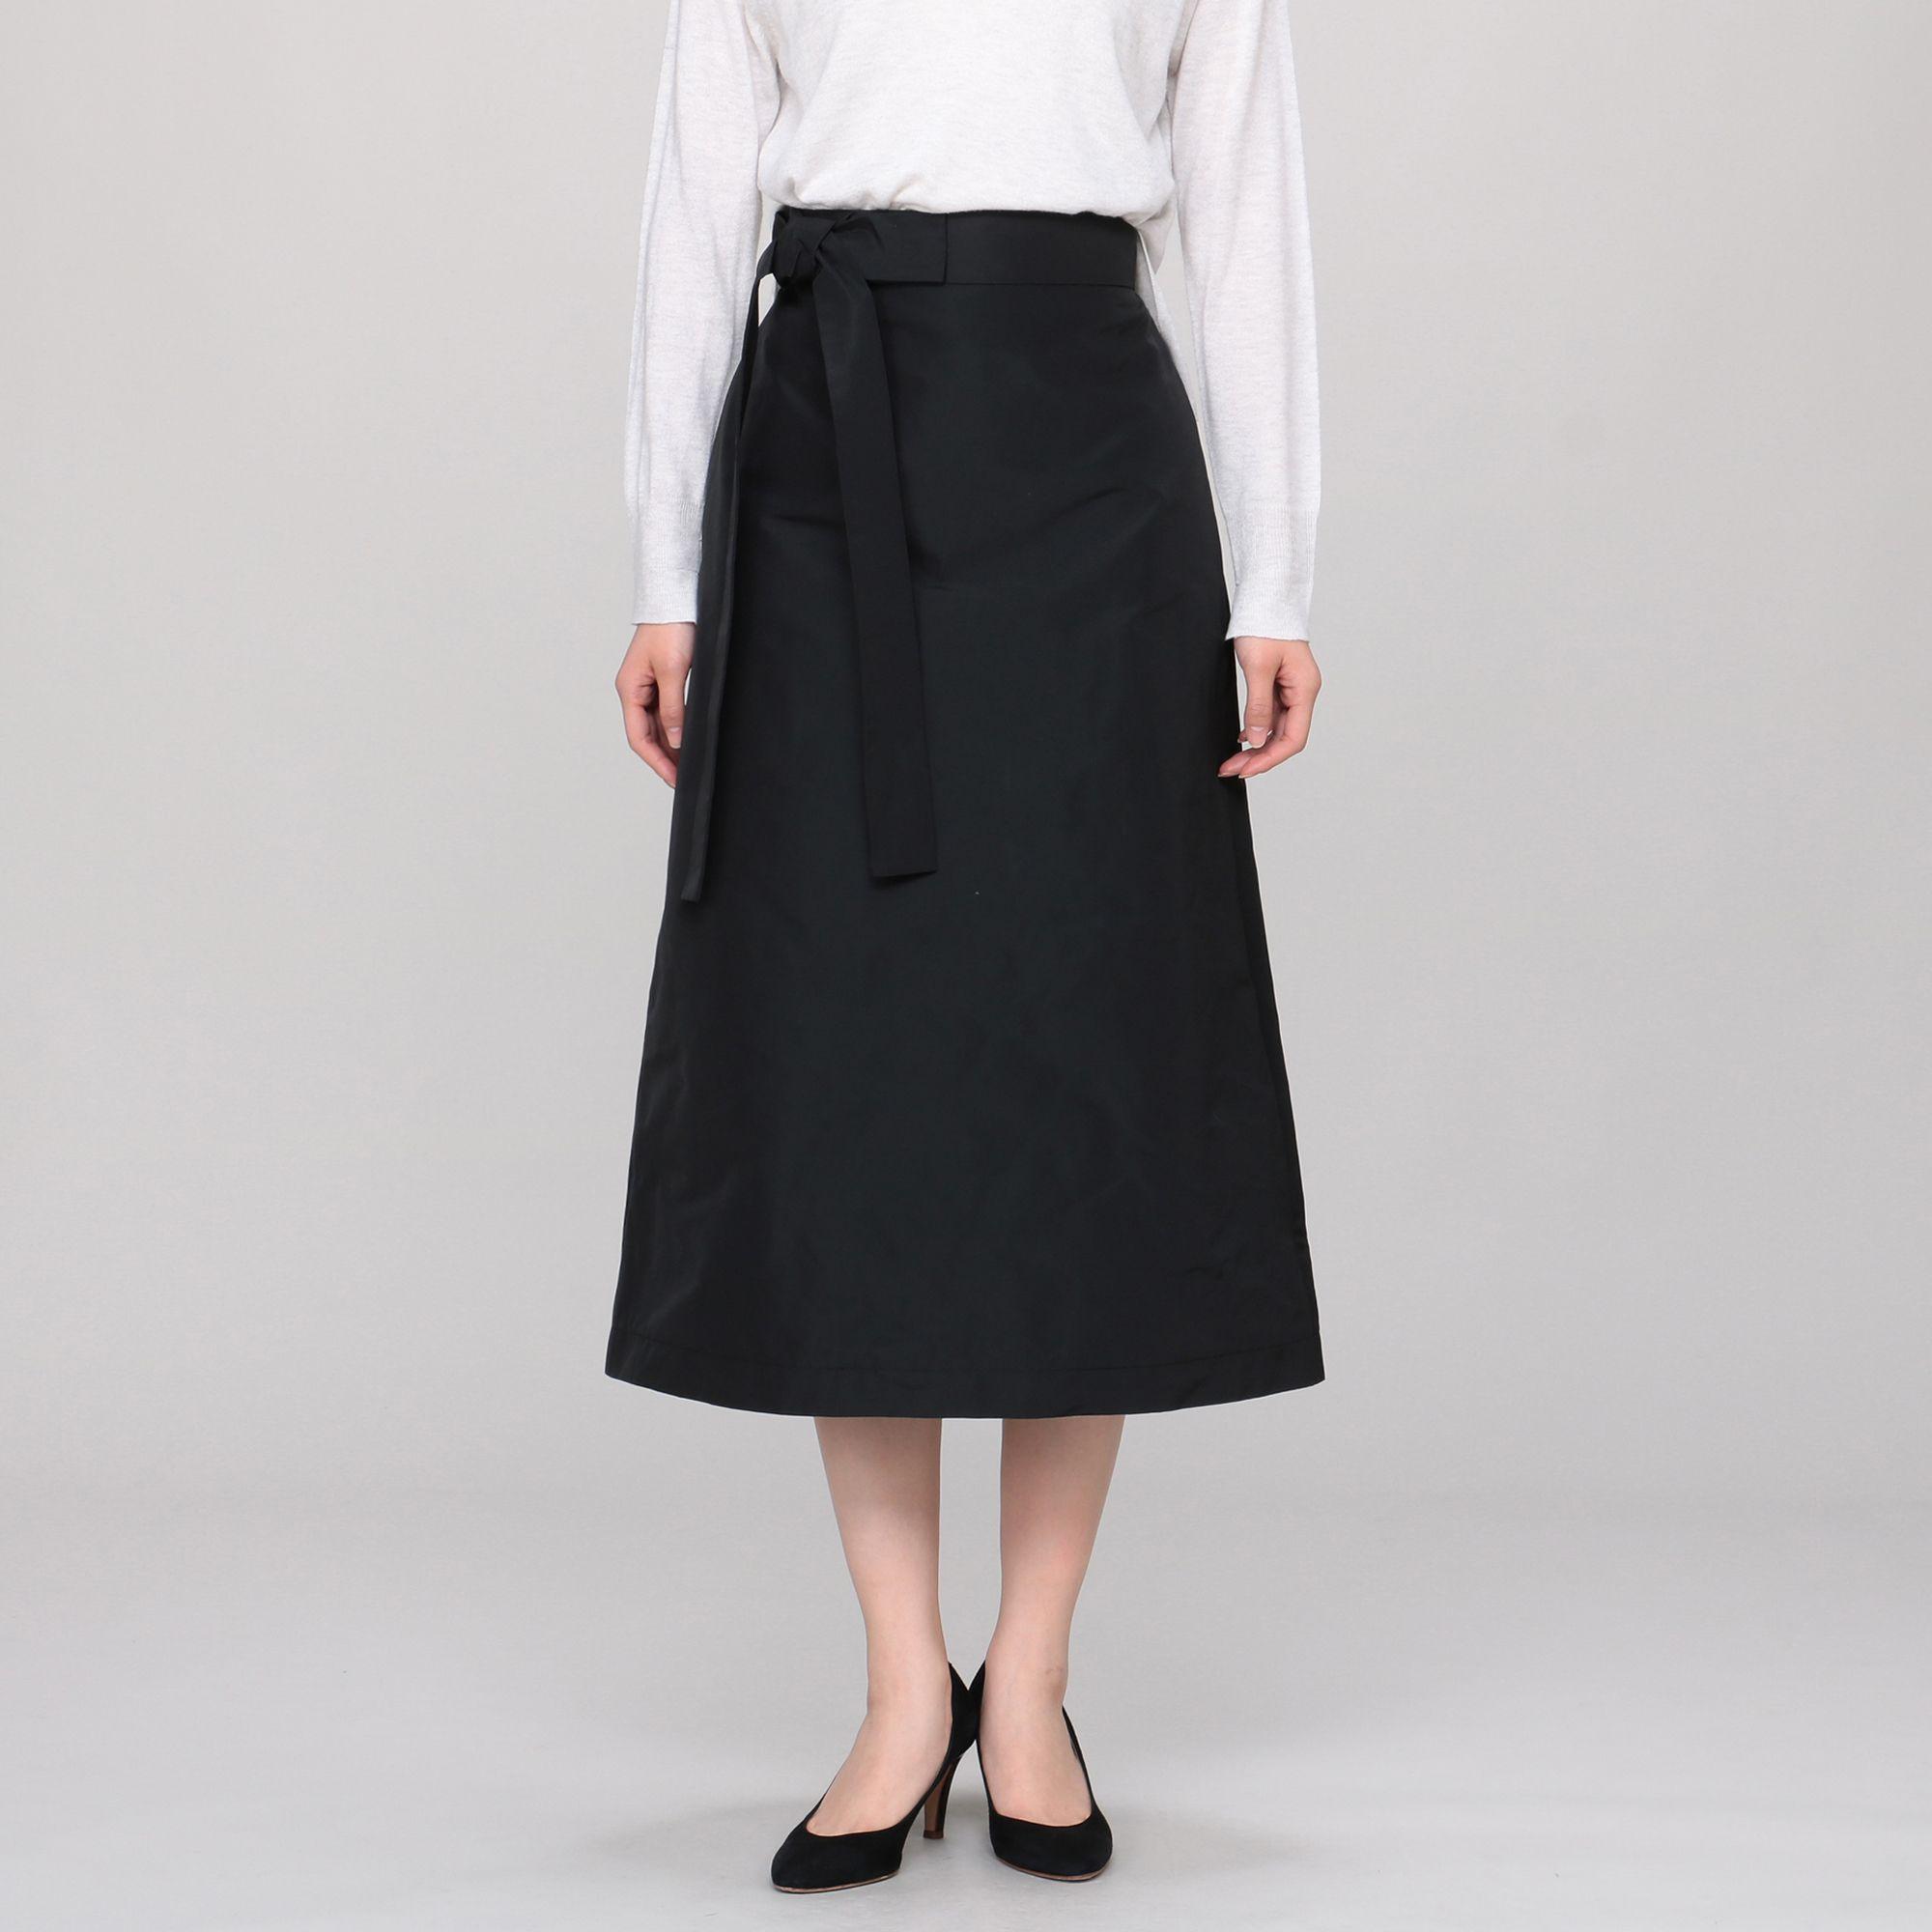 ROCHASロシャス/ウエストリボンタイトスカート